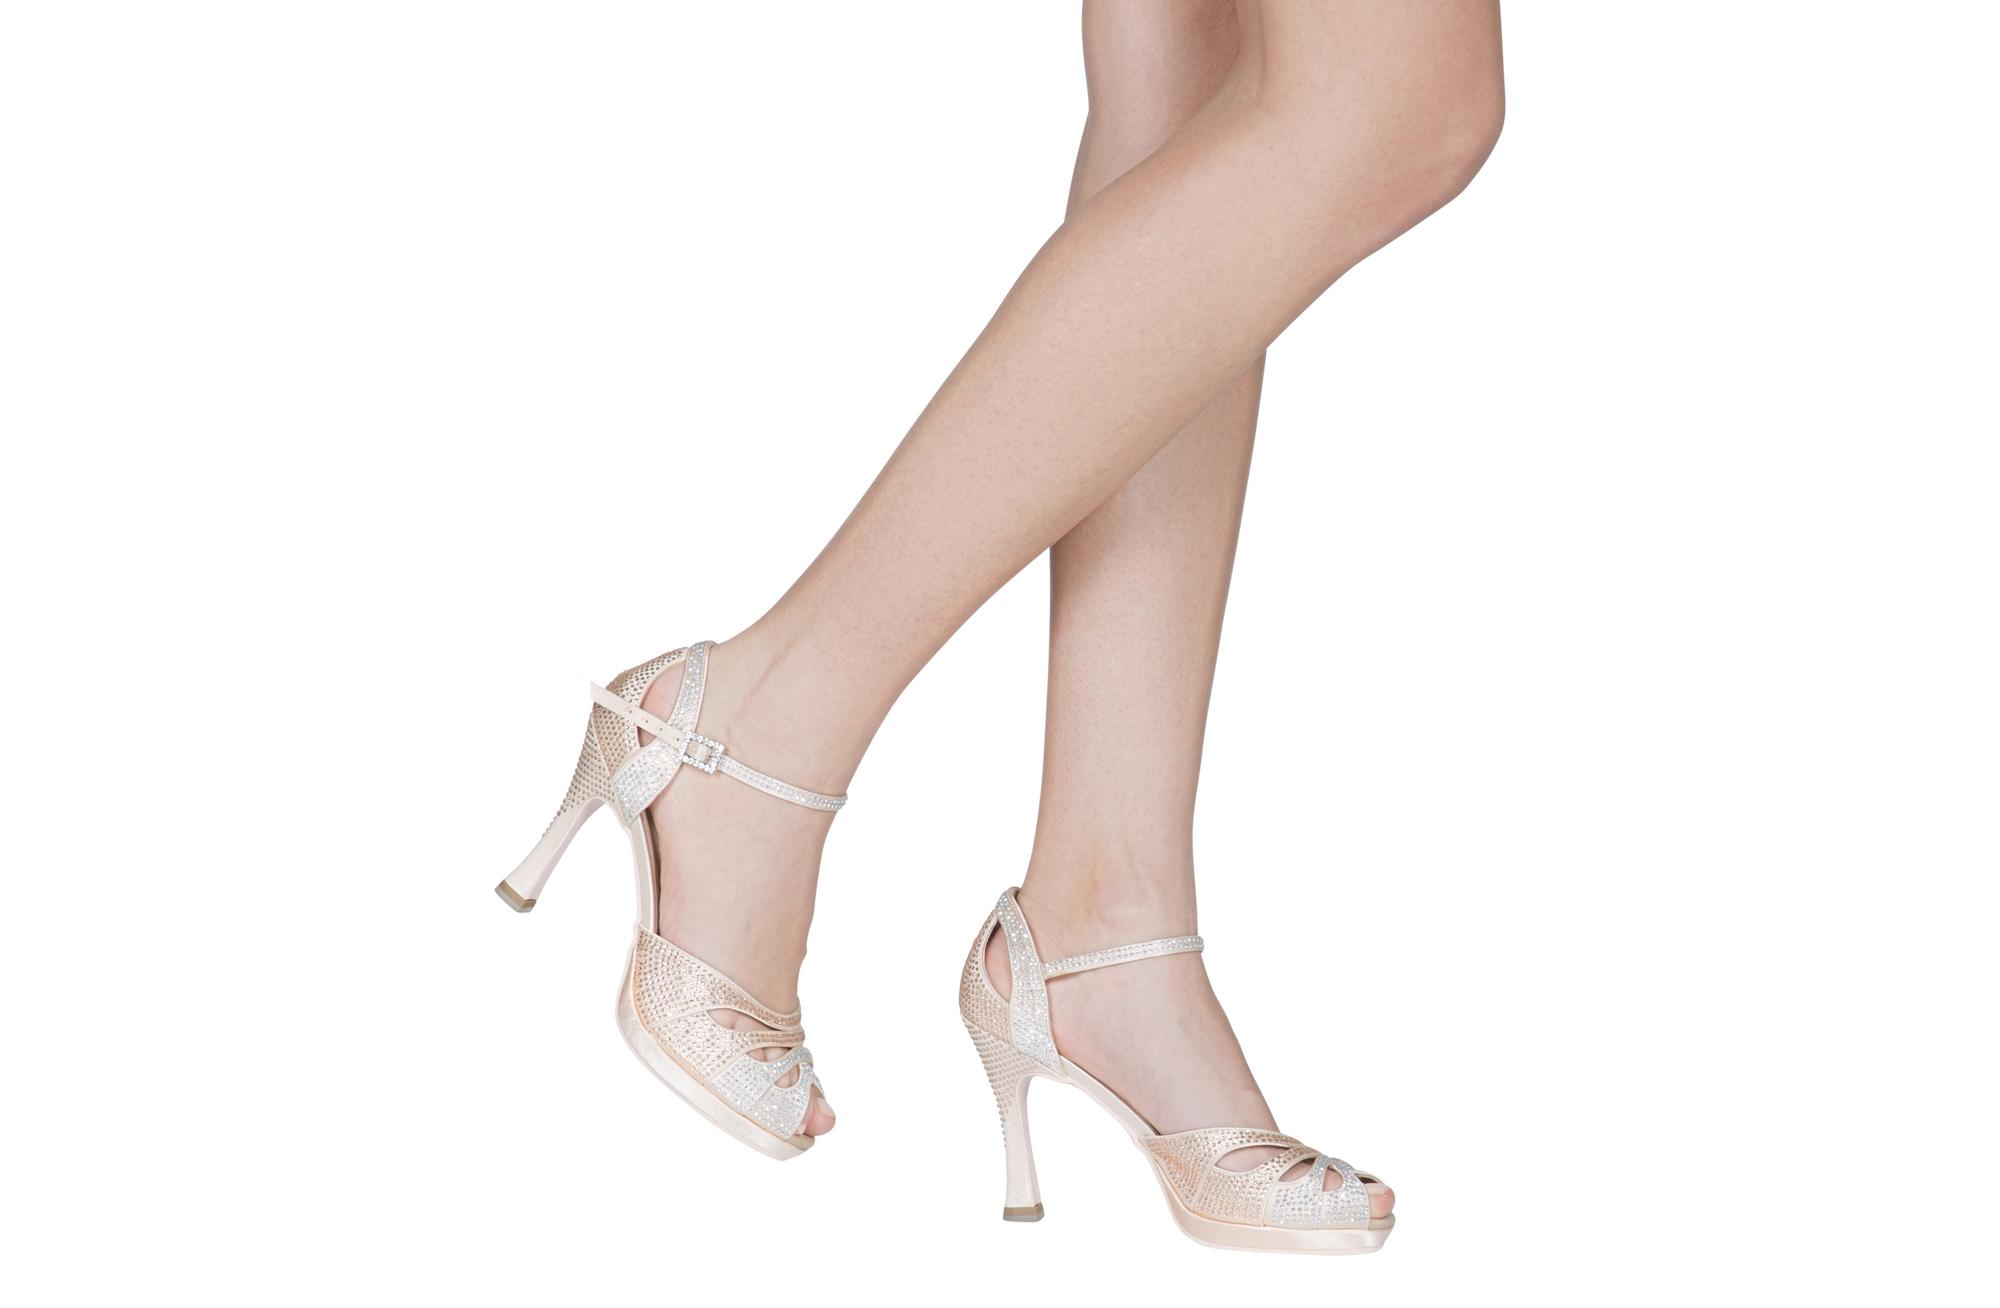 Scarpa Da Ballo Dancin Con Plateau Completamente Ricoperti Di Crystal Strass In Raso Cipria Tacco 10 Cm Indossato